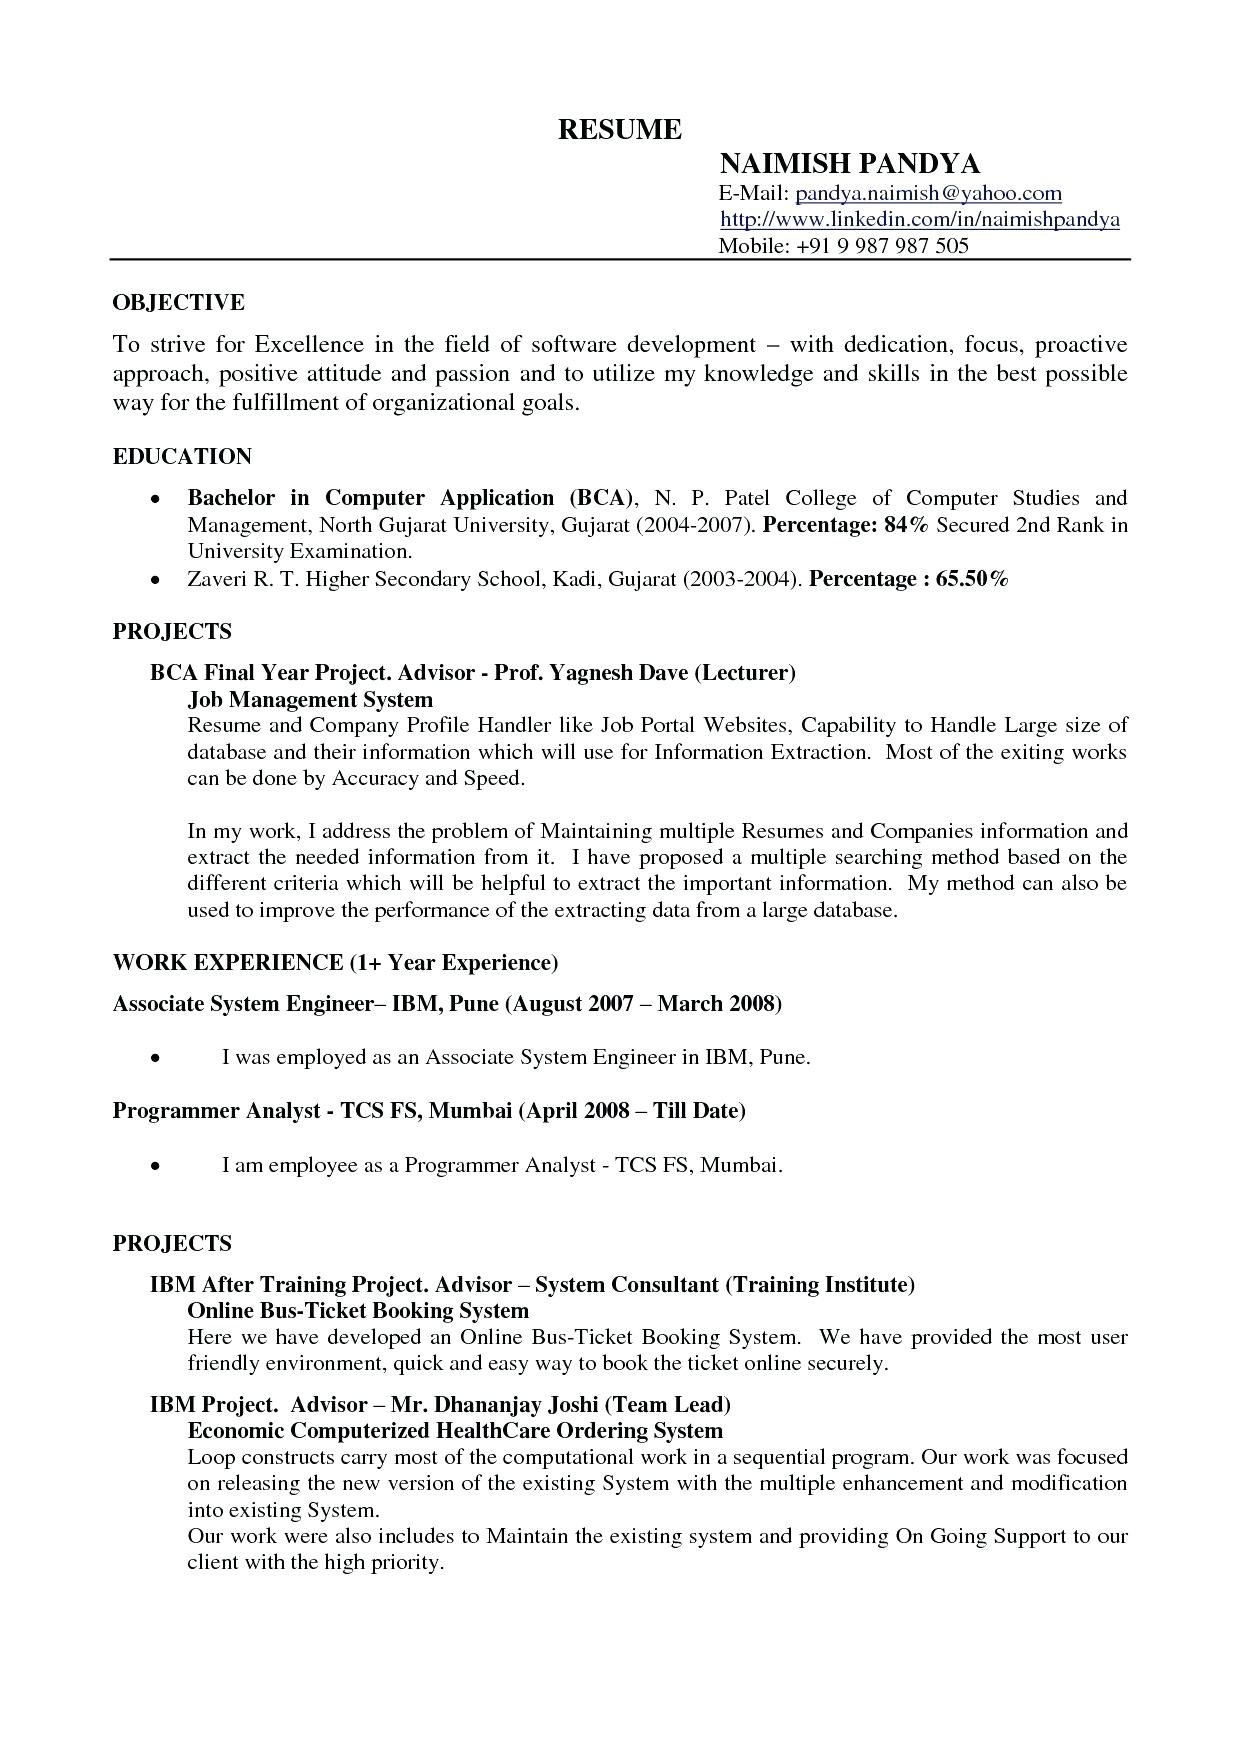 Plan Templates Project Management Proposal Template Doc Google Intended For Proposal Template Google Docs